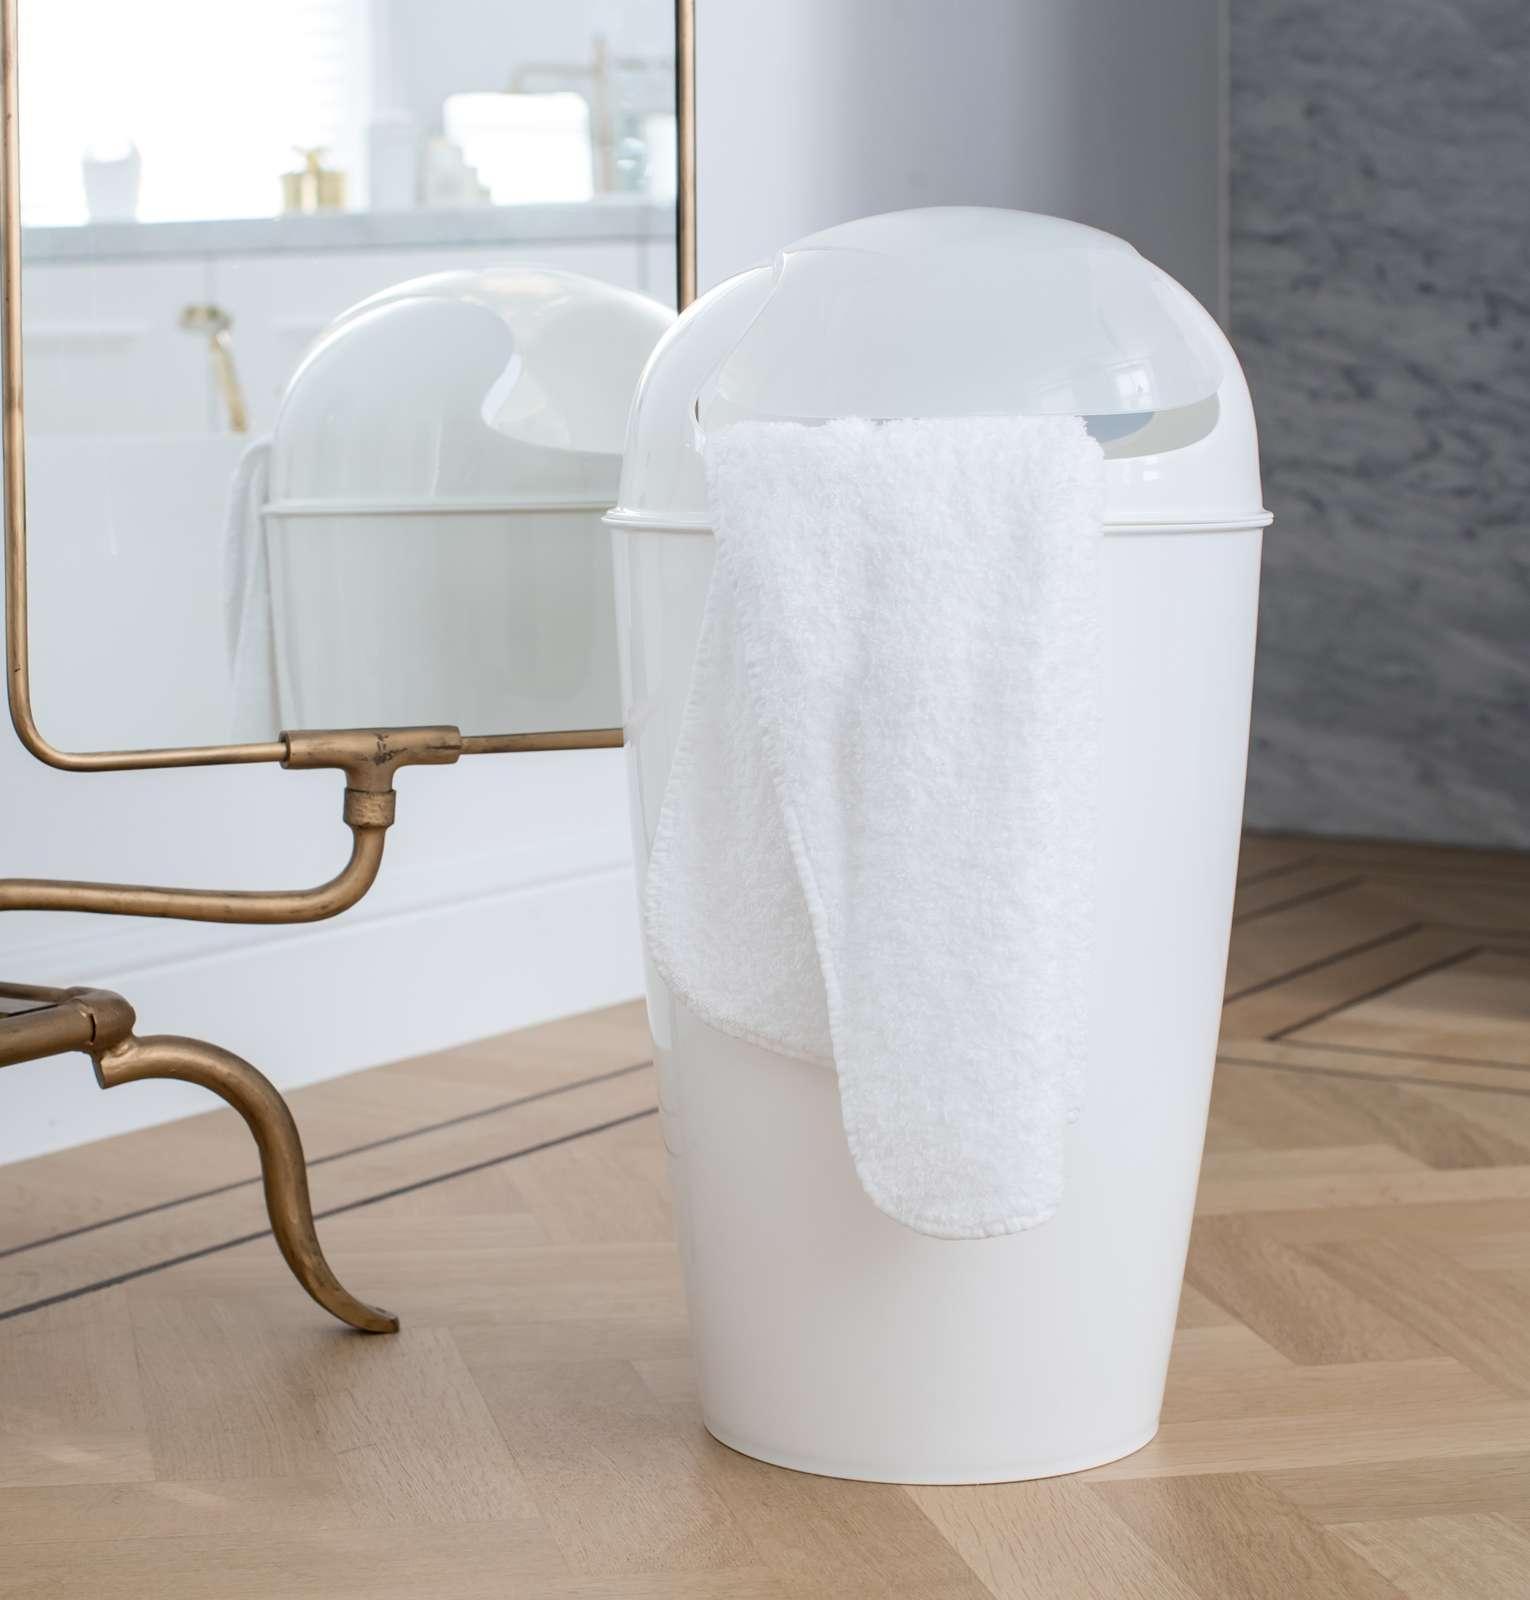 Kancelářský odpadkový koš DEL XL, 30 l - barva bílá, KOZIOL